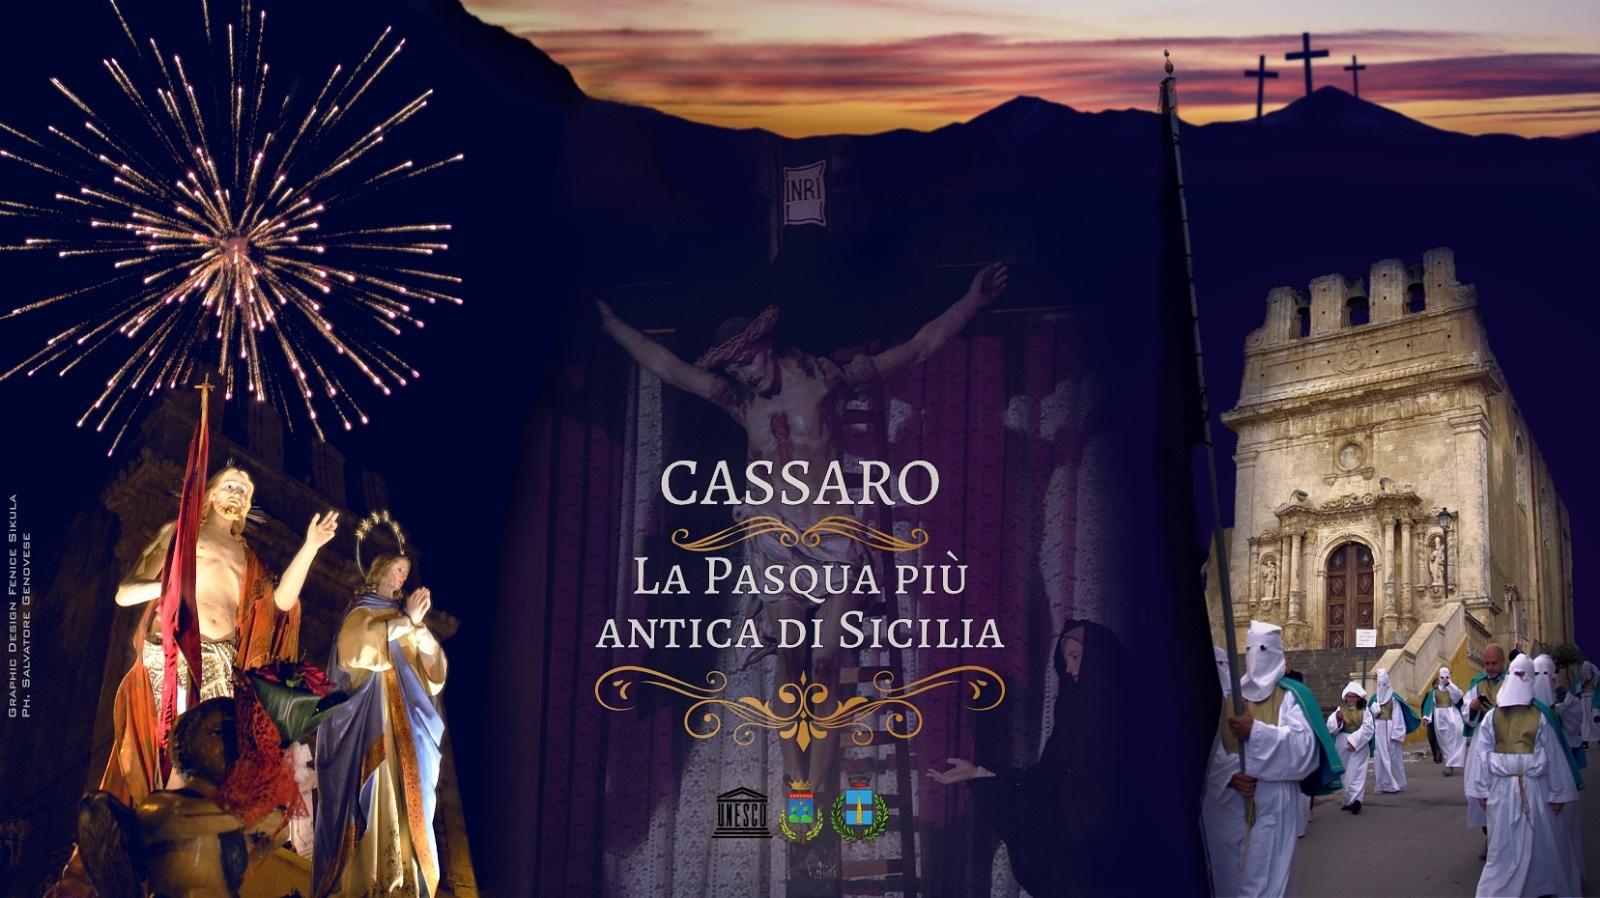 Cassaro ~ La Pasqua più antica di Sicilia dal 14 al 28 Aprile 2019